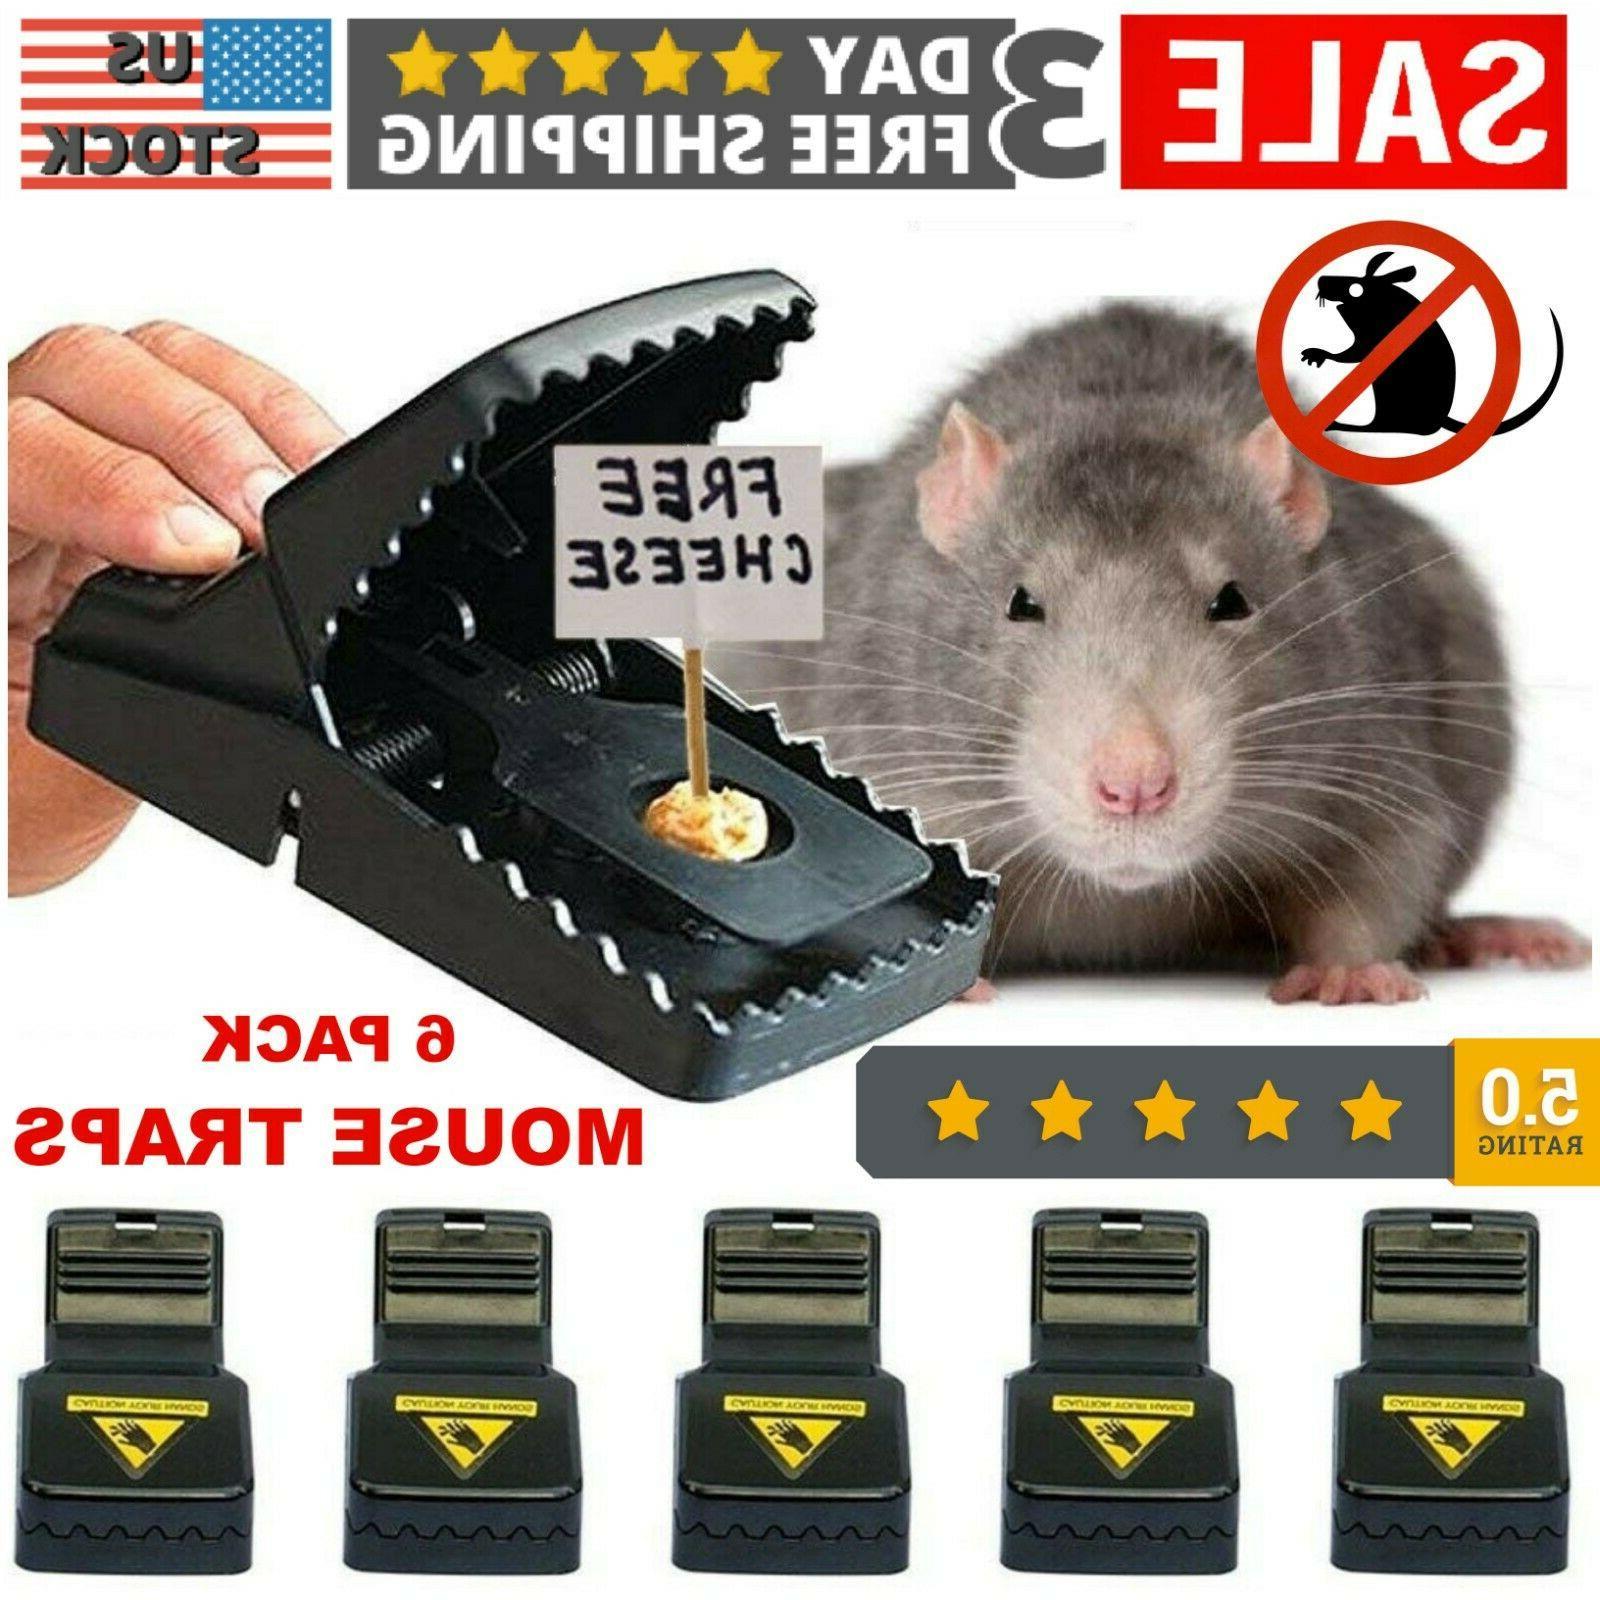 6 pack premium reusable mouse traps rat